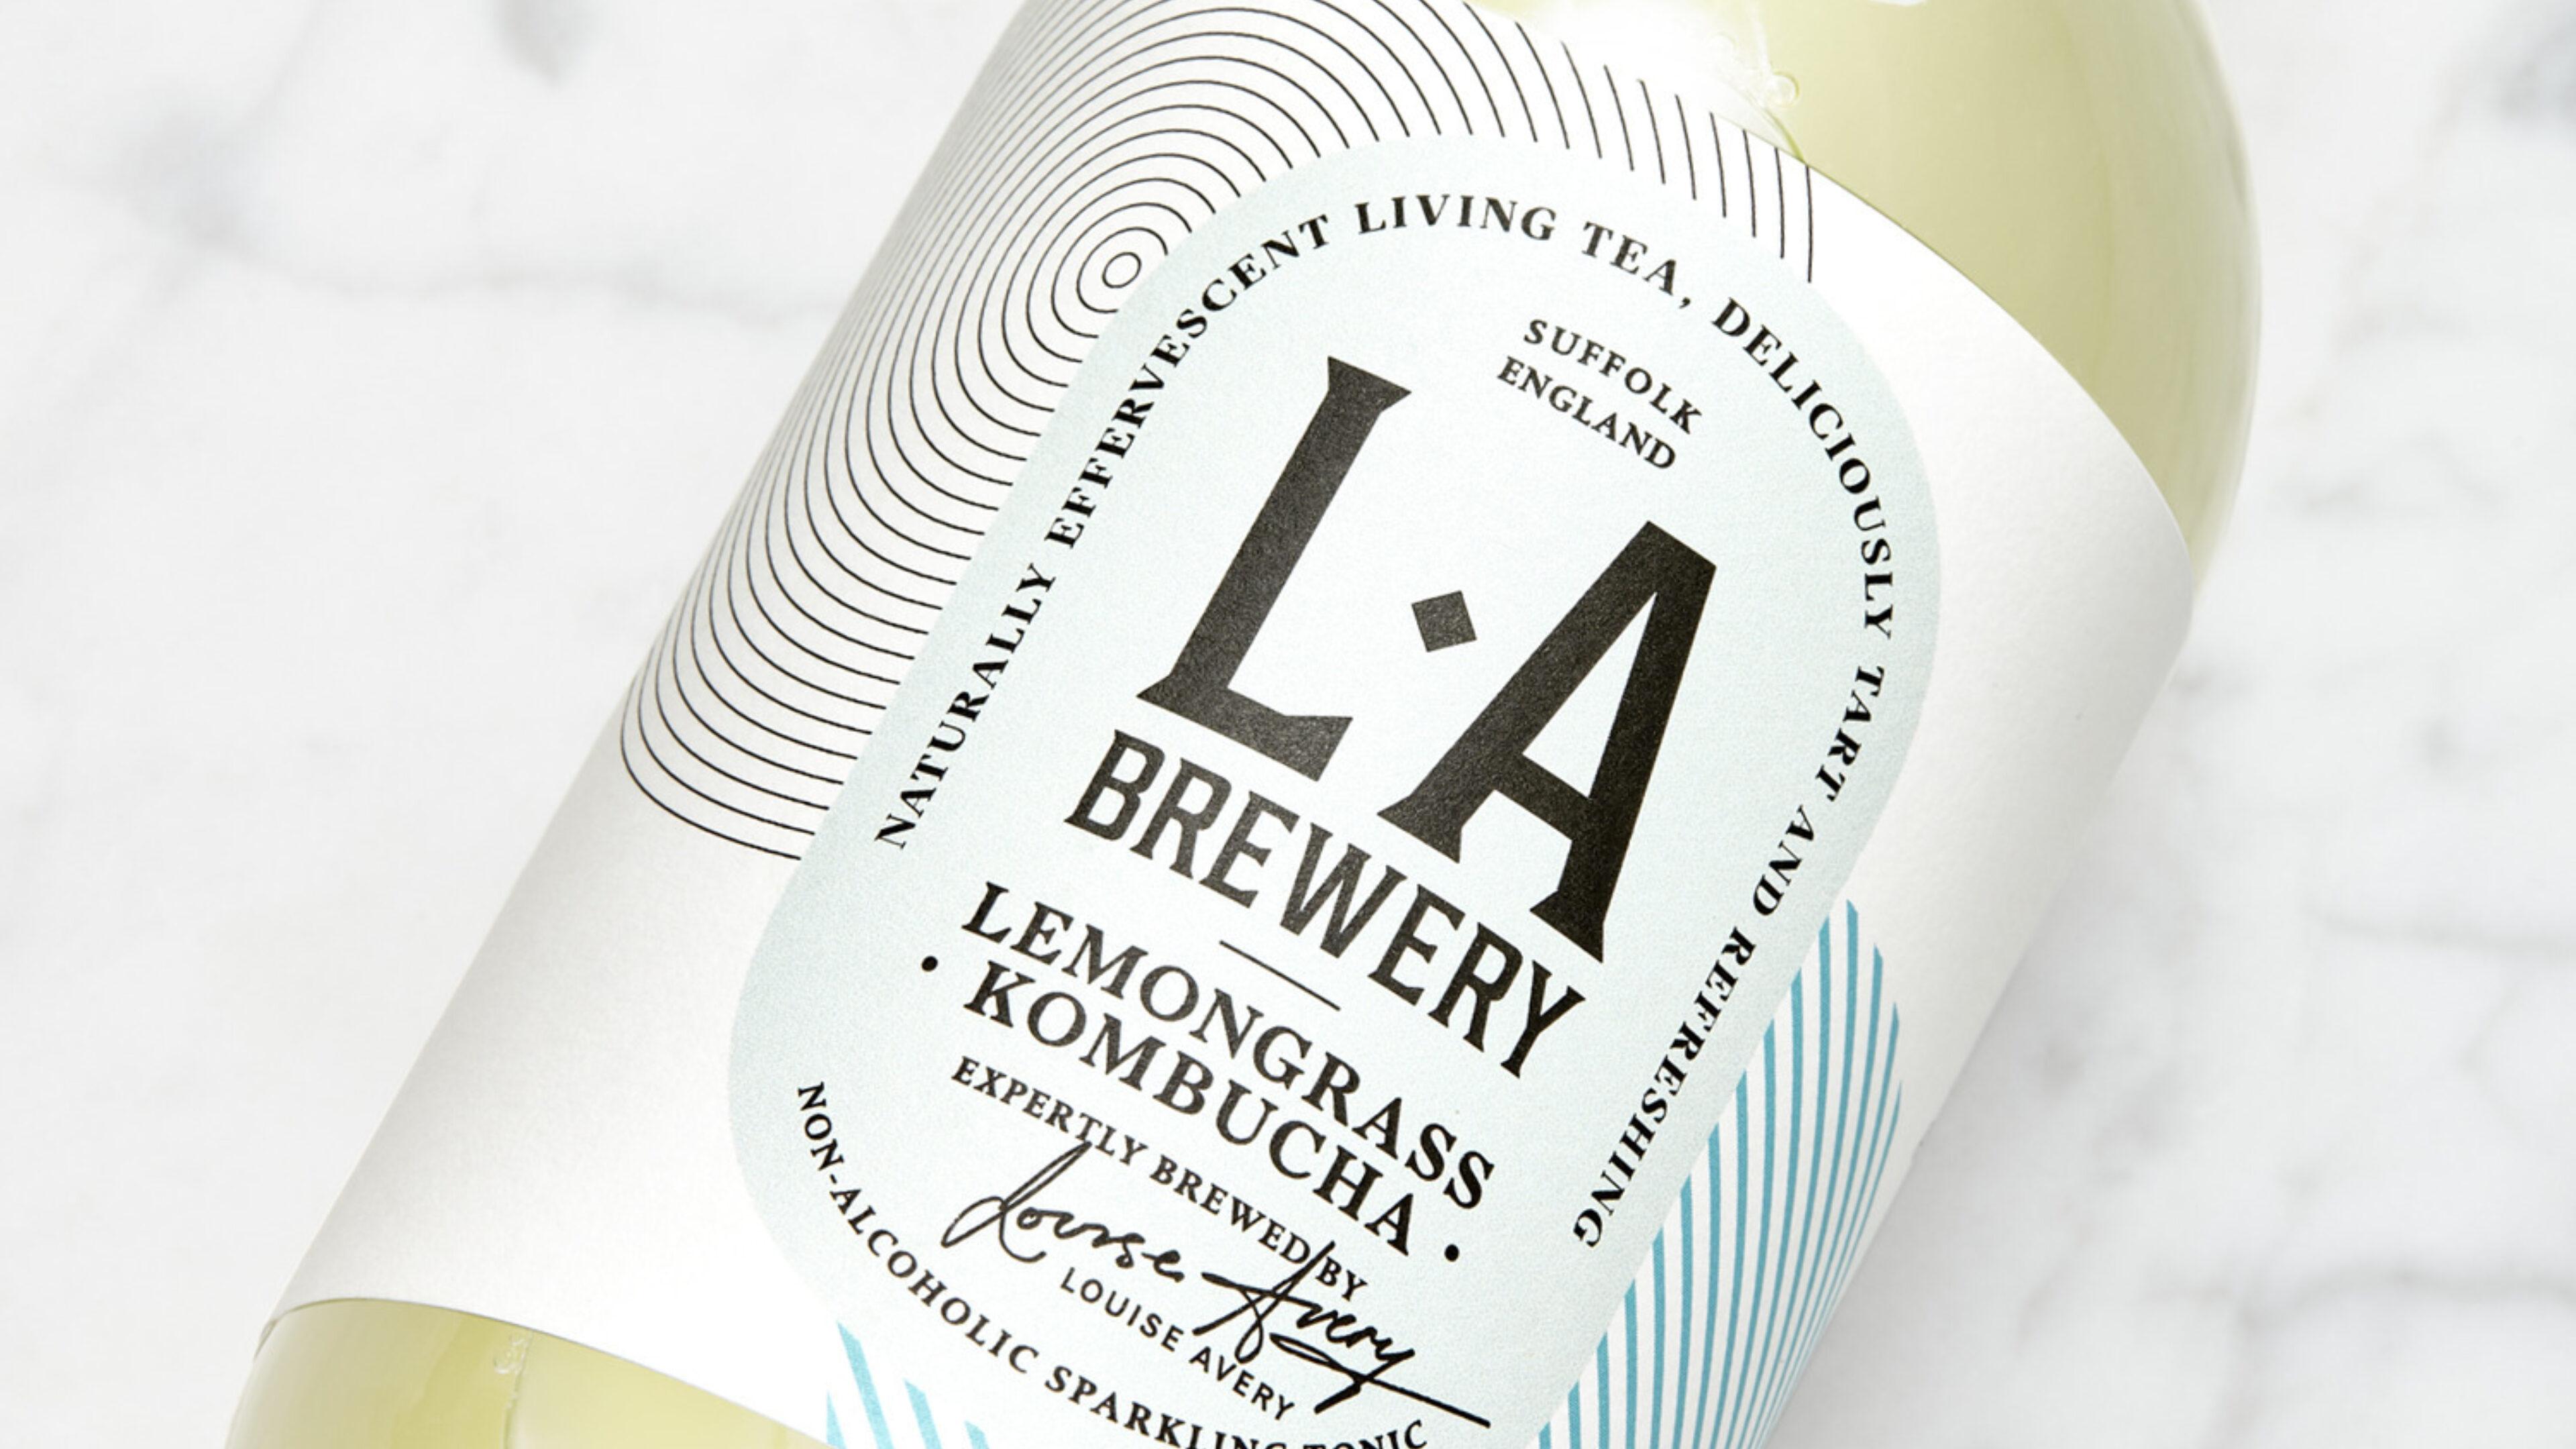 LA-LEMONGRASS-3 thumbnail image